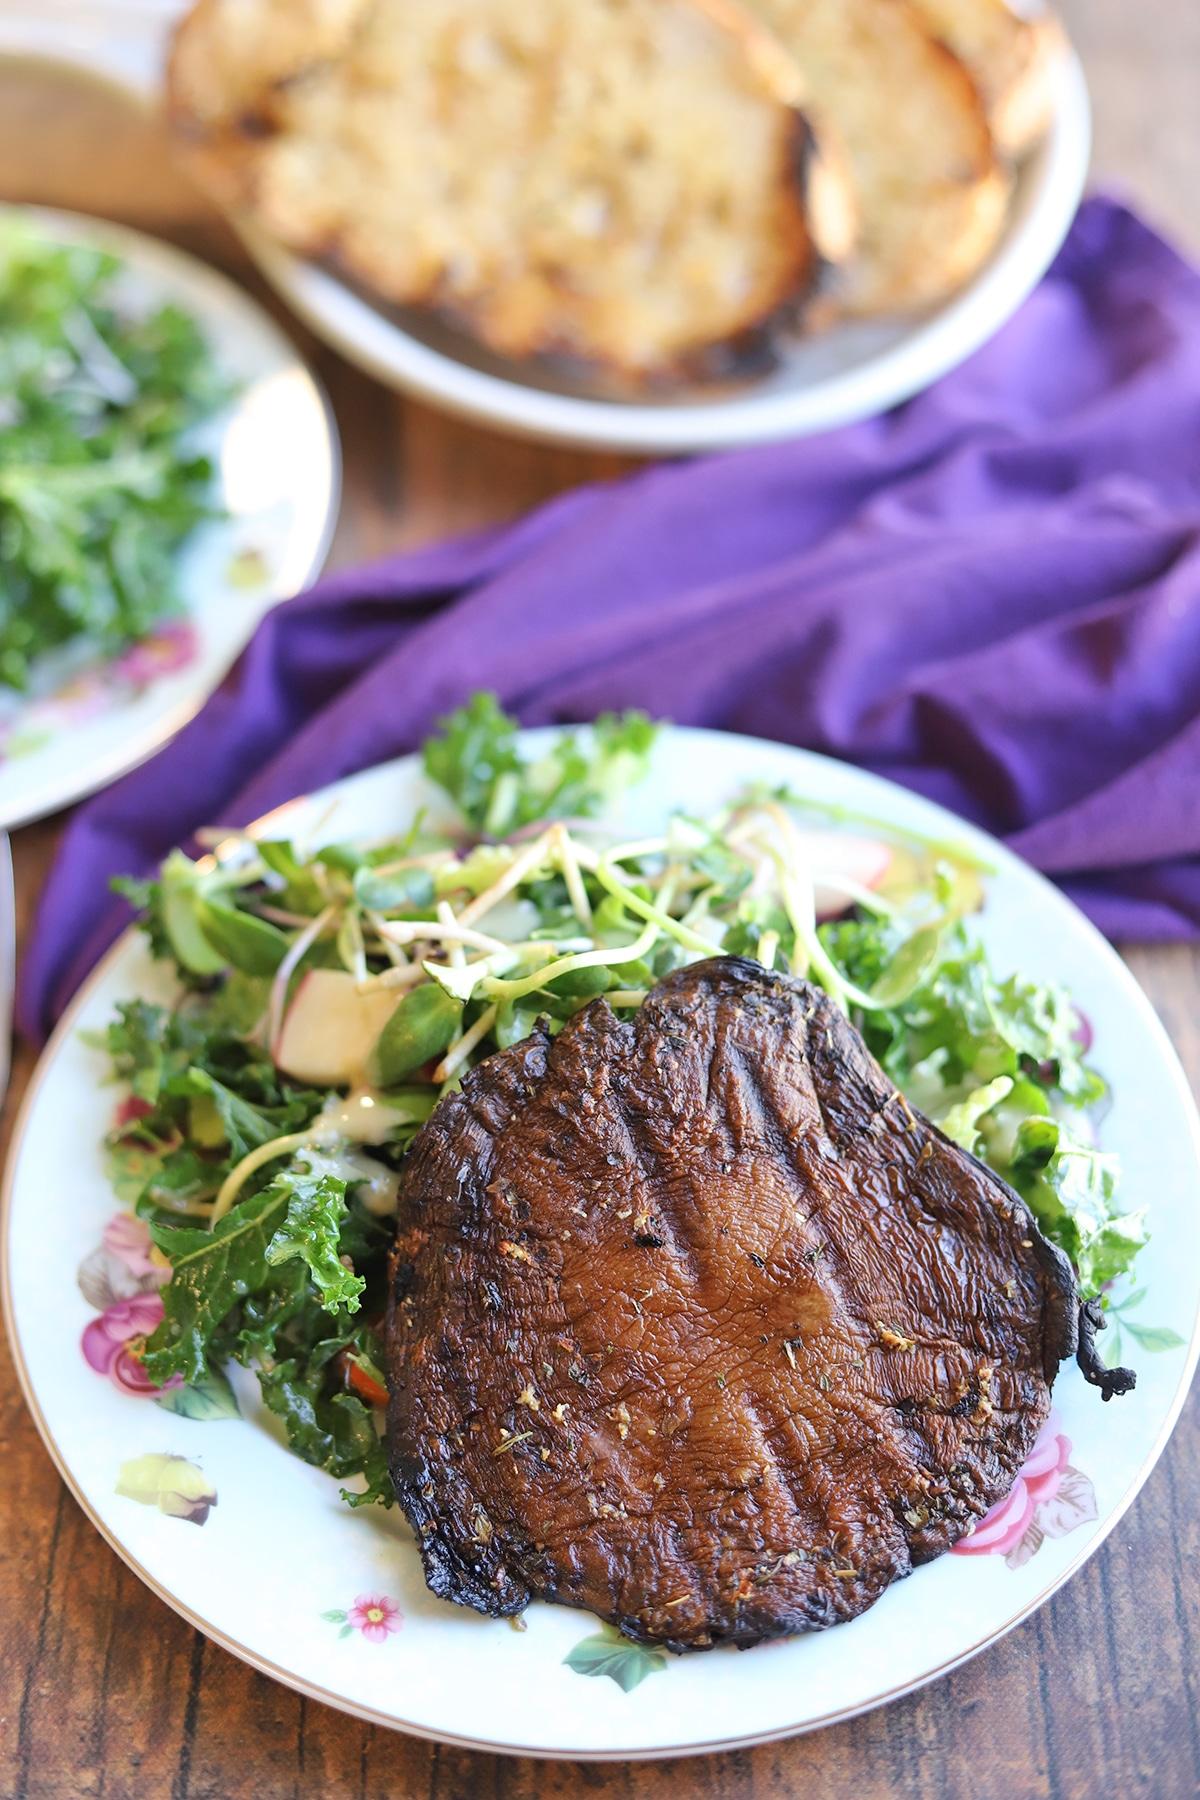 Grilled portobello mushroom on plate with kale salad.